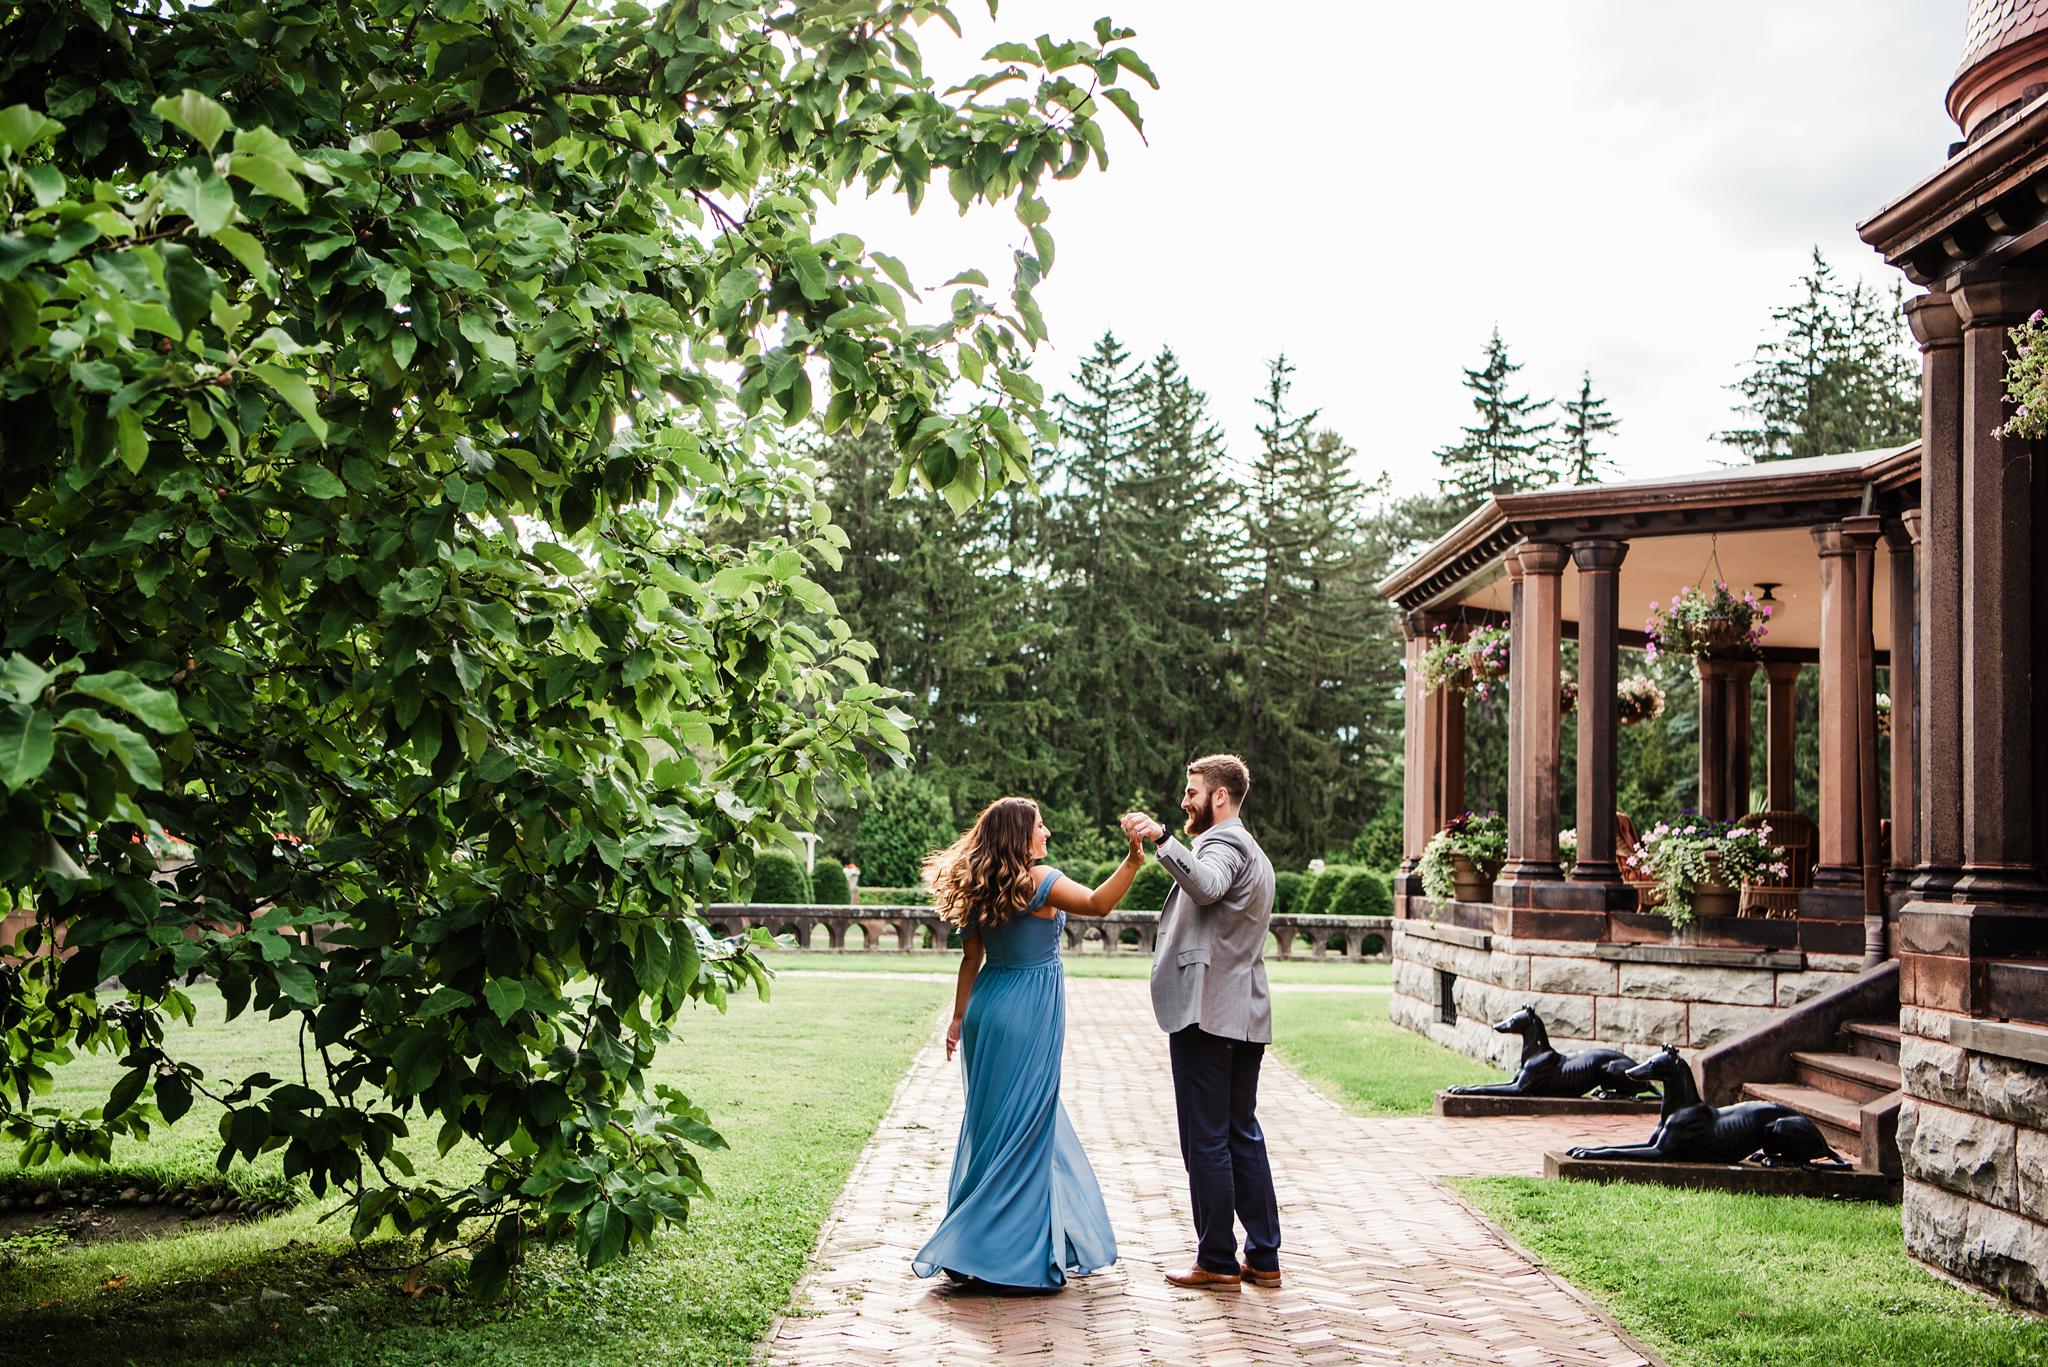 Sonnenberg_Gardens_Finger_Lakes_Engagement_Session_JILL_STUDIO_Rochester_NY_Photographer_DSC_1681.jpg